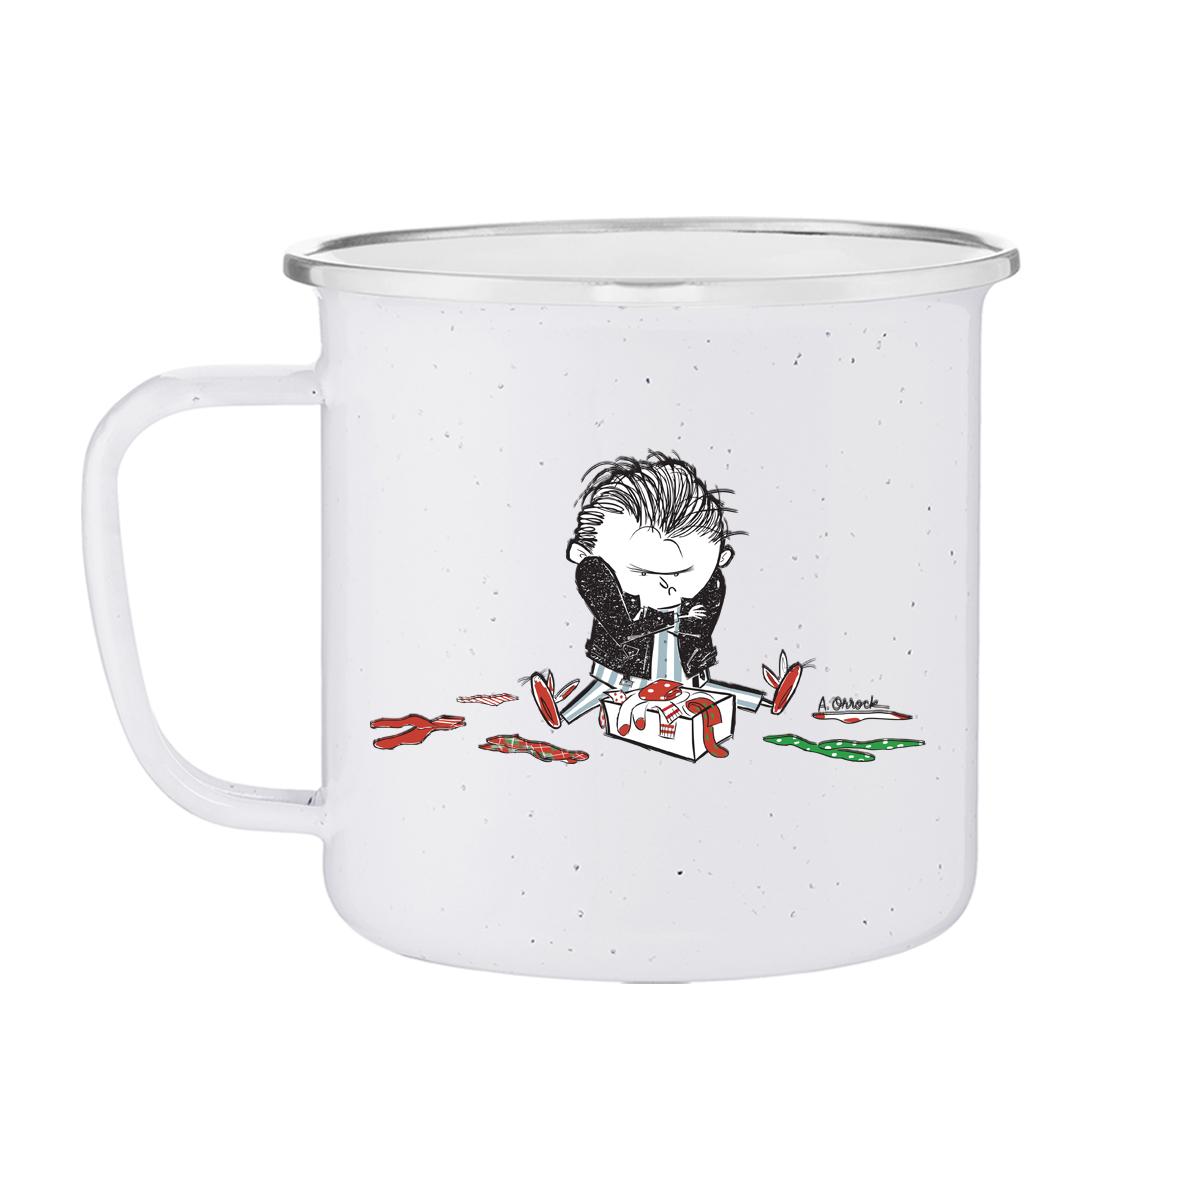 25oz SOCKS Mug